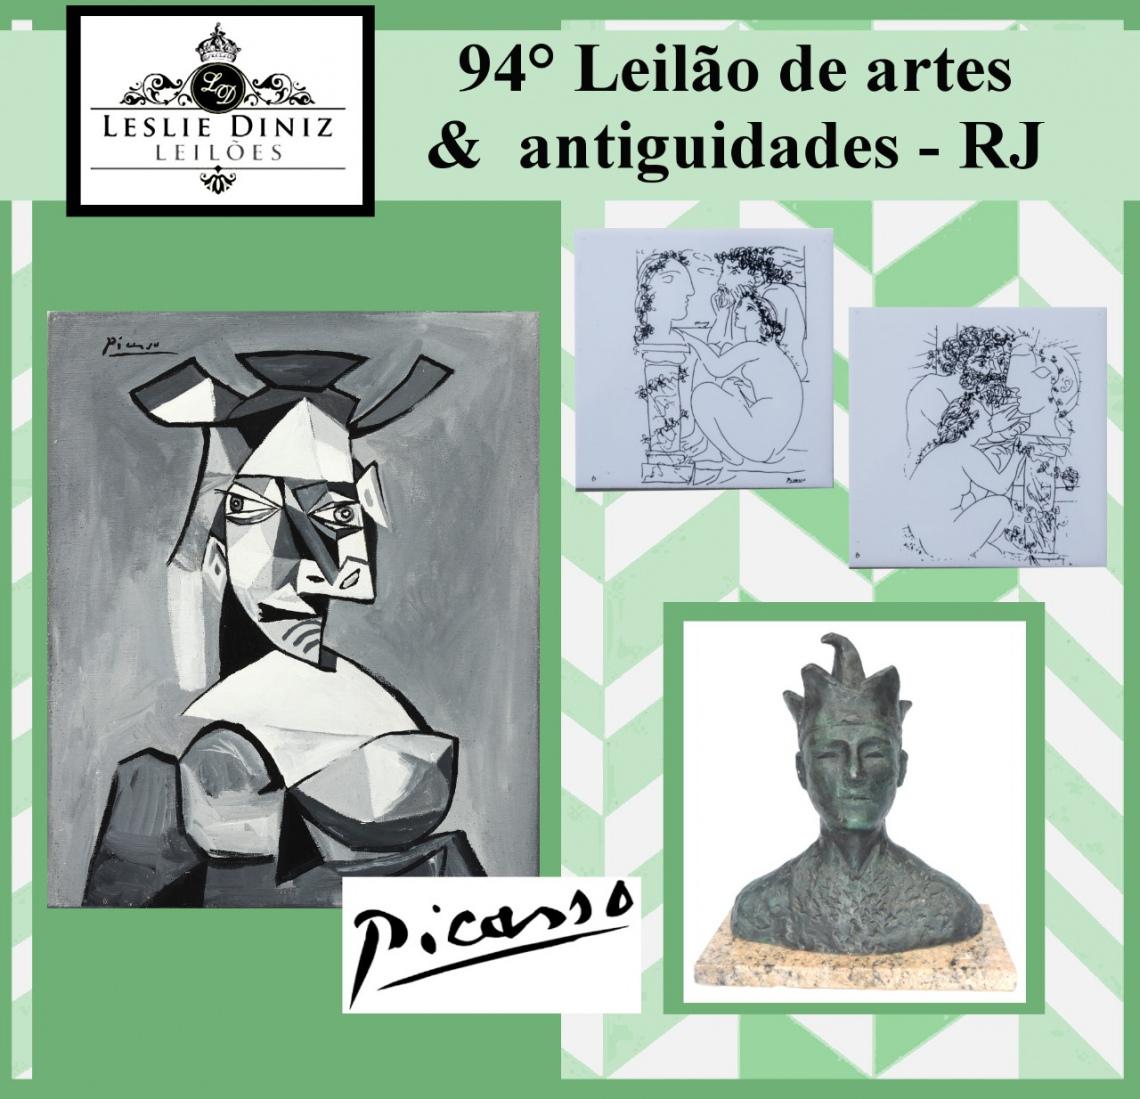 94º IMPORTANTE  LEILÃO DE ARTE & ANTIGUIDADES - RJ